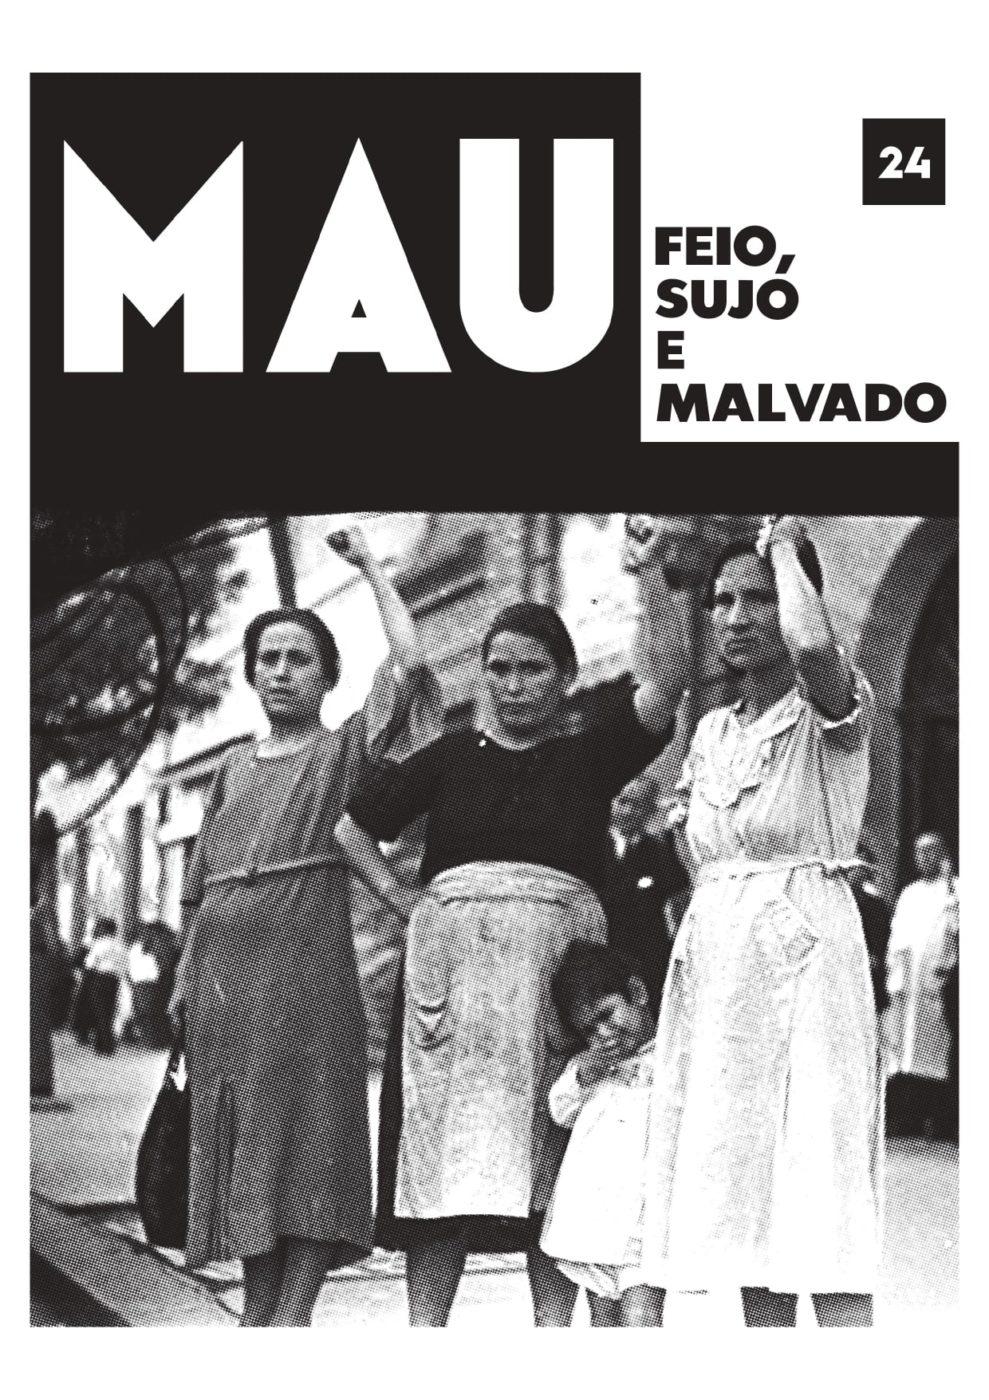 O MAU está de volta! Rogério de Campos fala sobre a retomada da publicação após 29 anos, em edição com Robert Crumb, Gilbert Shelton, Simon Hanselmann e Martin Rowson